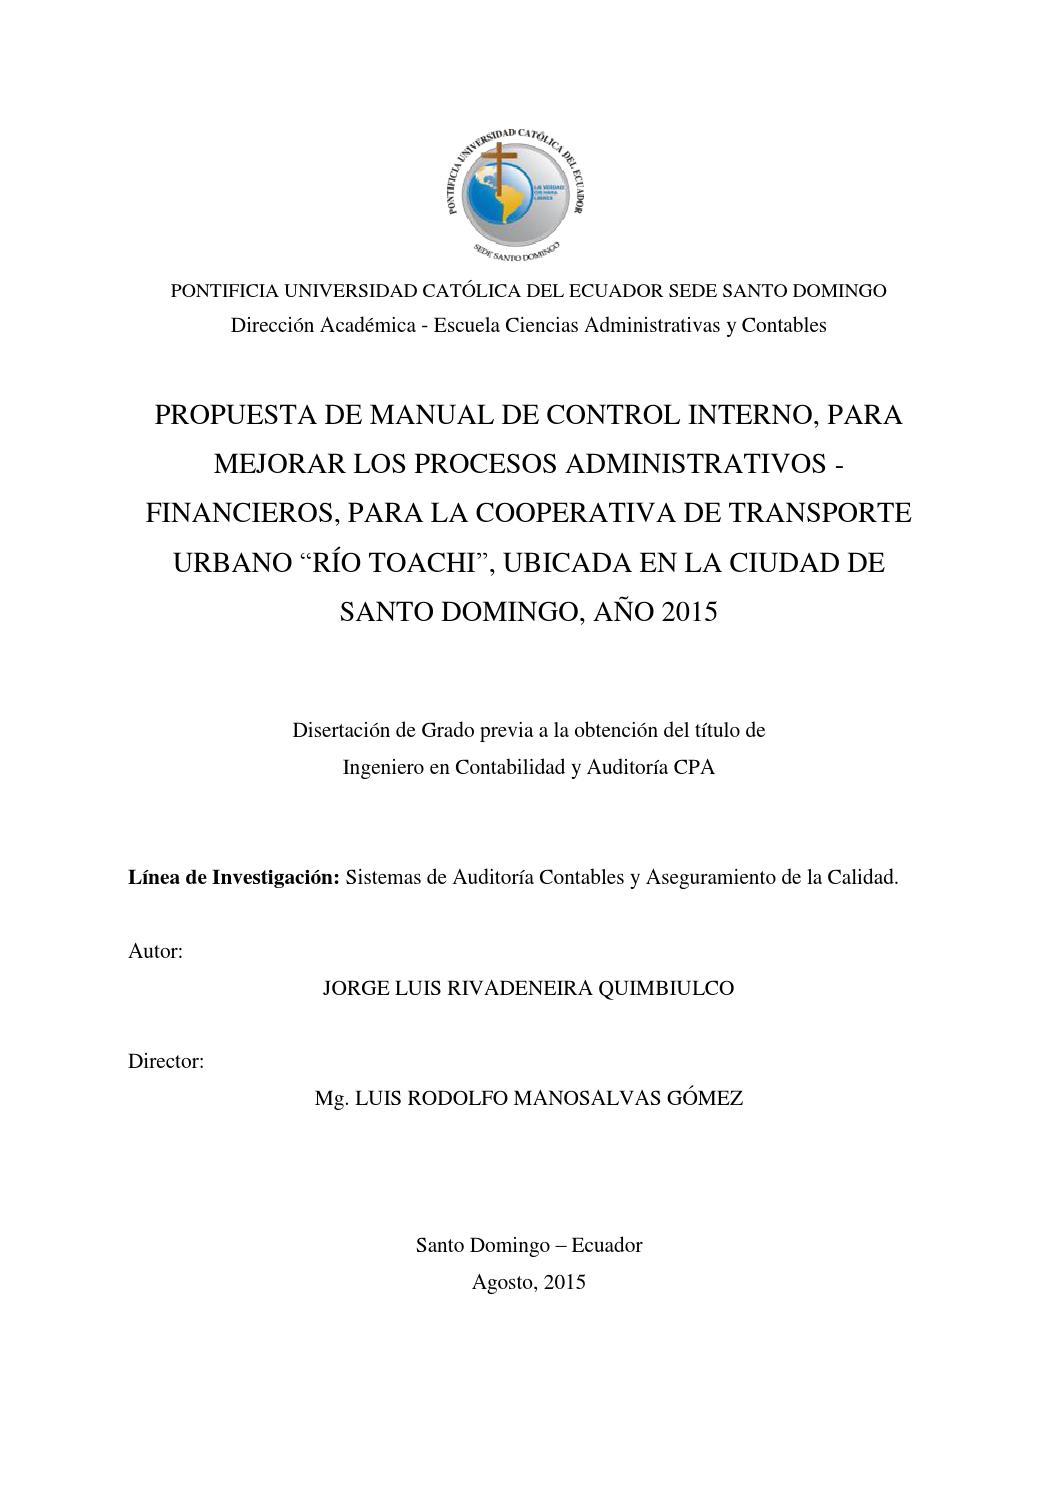 Propuesta de manual de control interno, para mejorar los procesos ...